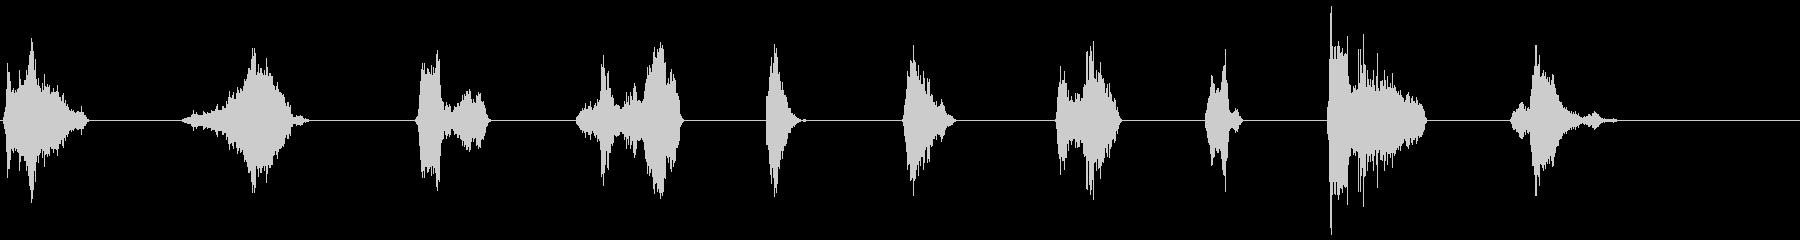 単一の声の影響、男性21-30の未再生の波形